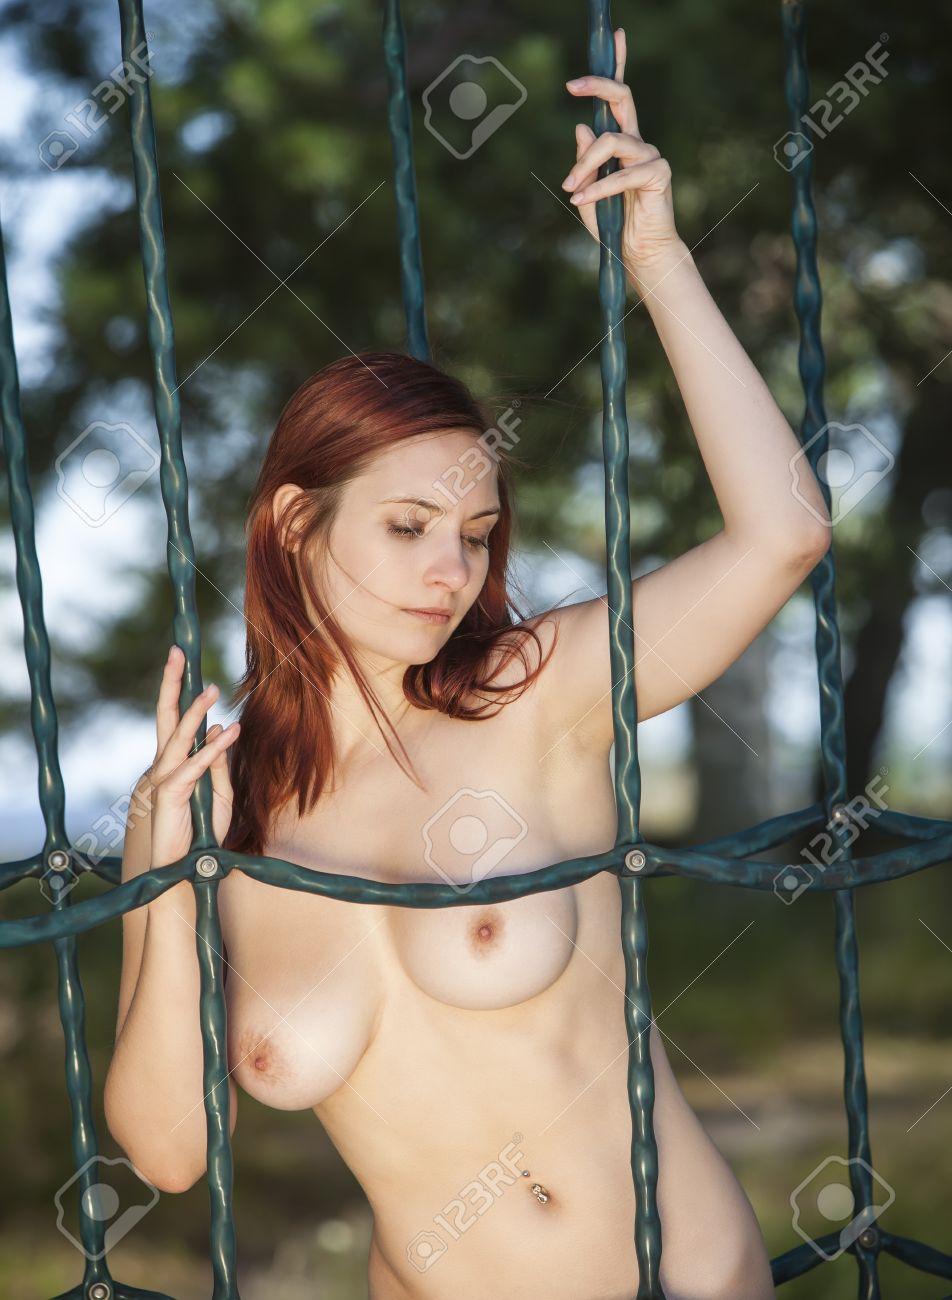 Frau nackt auf dem spielplatz